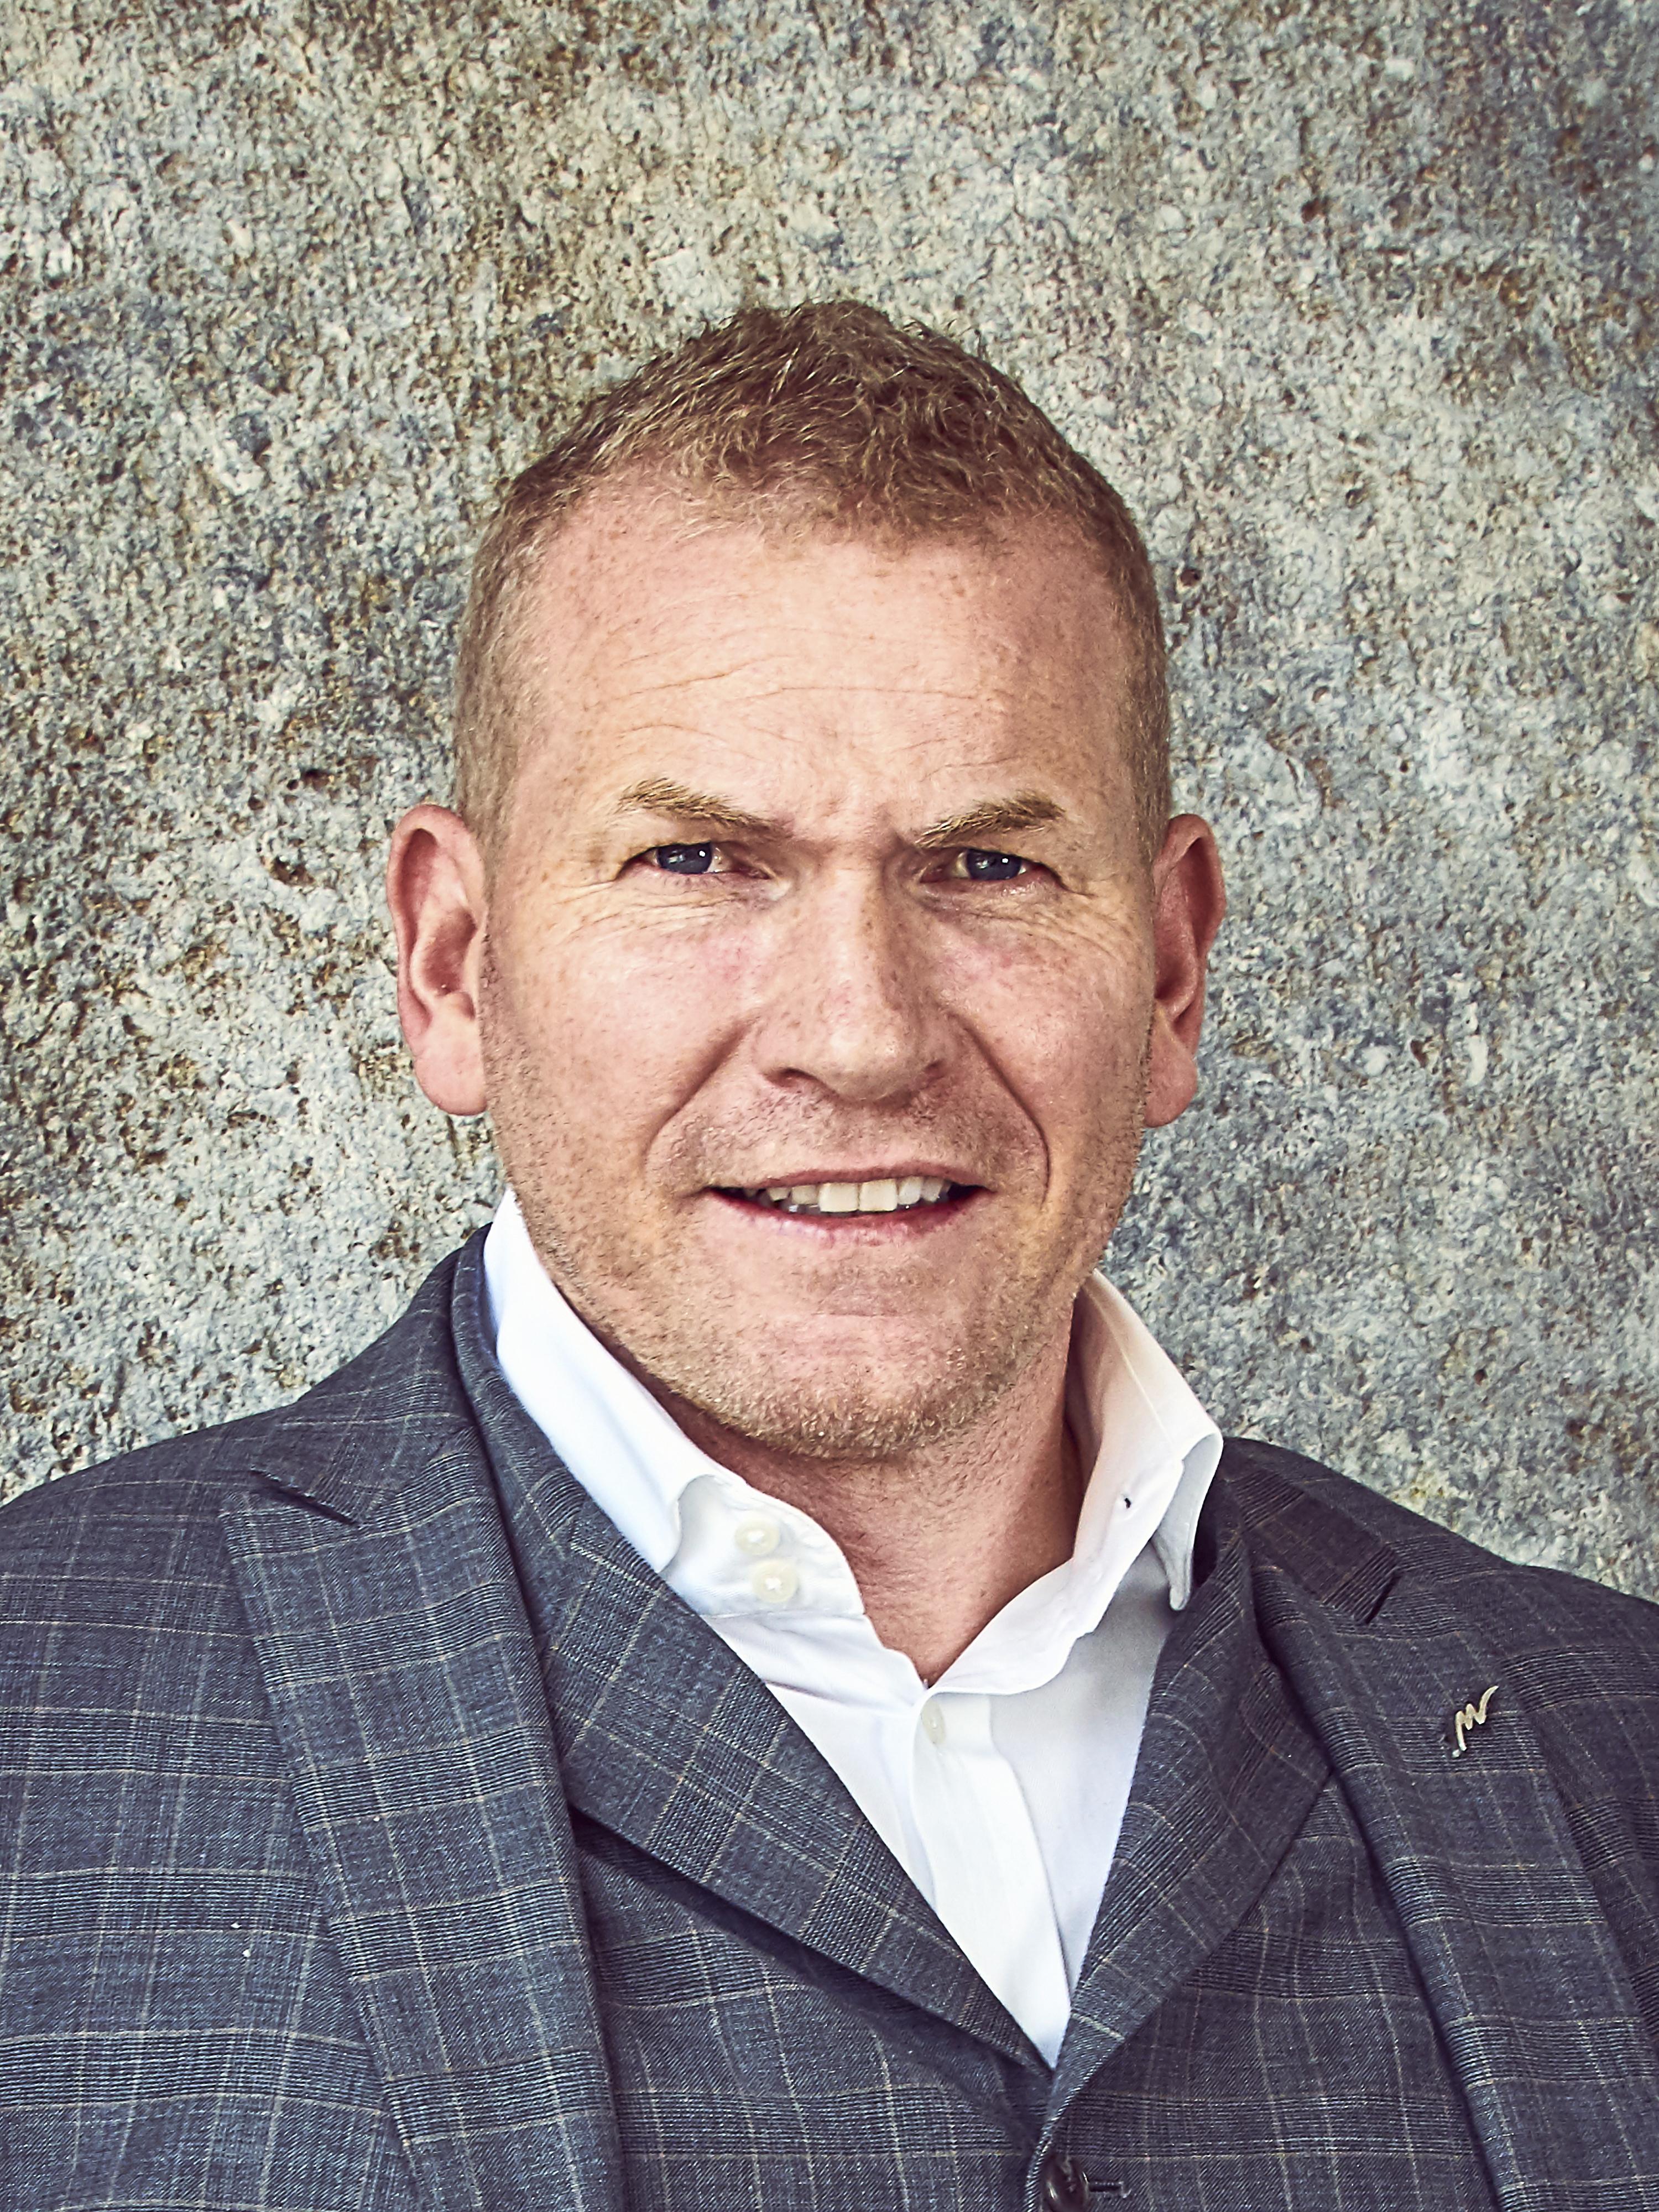 Kinderlachen-Botschafter Martin Limbeck